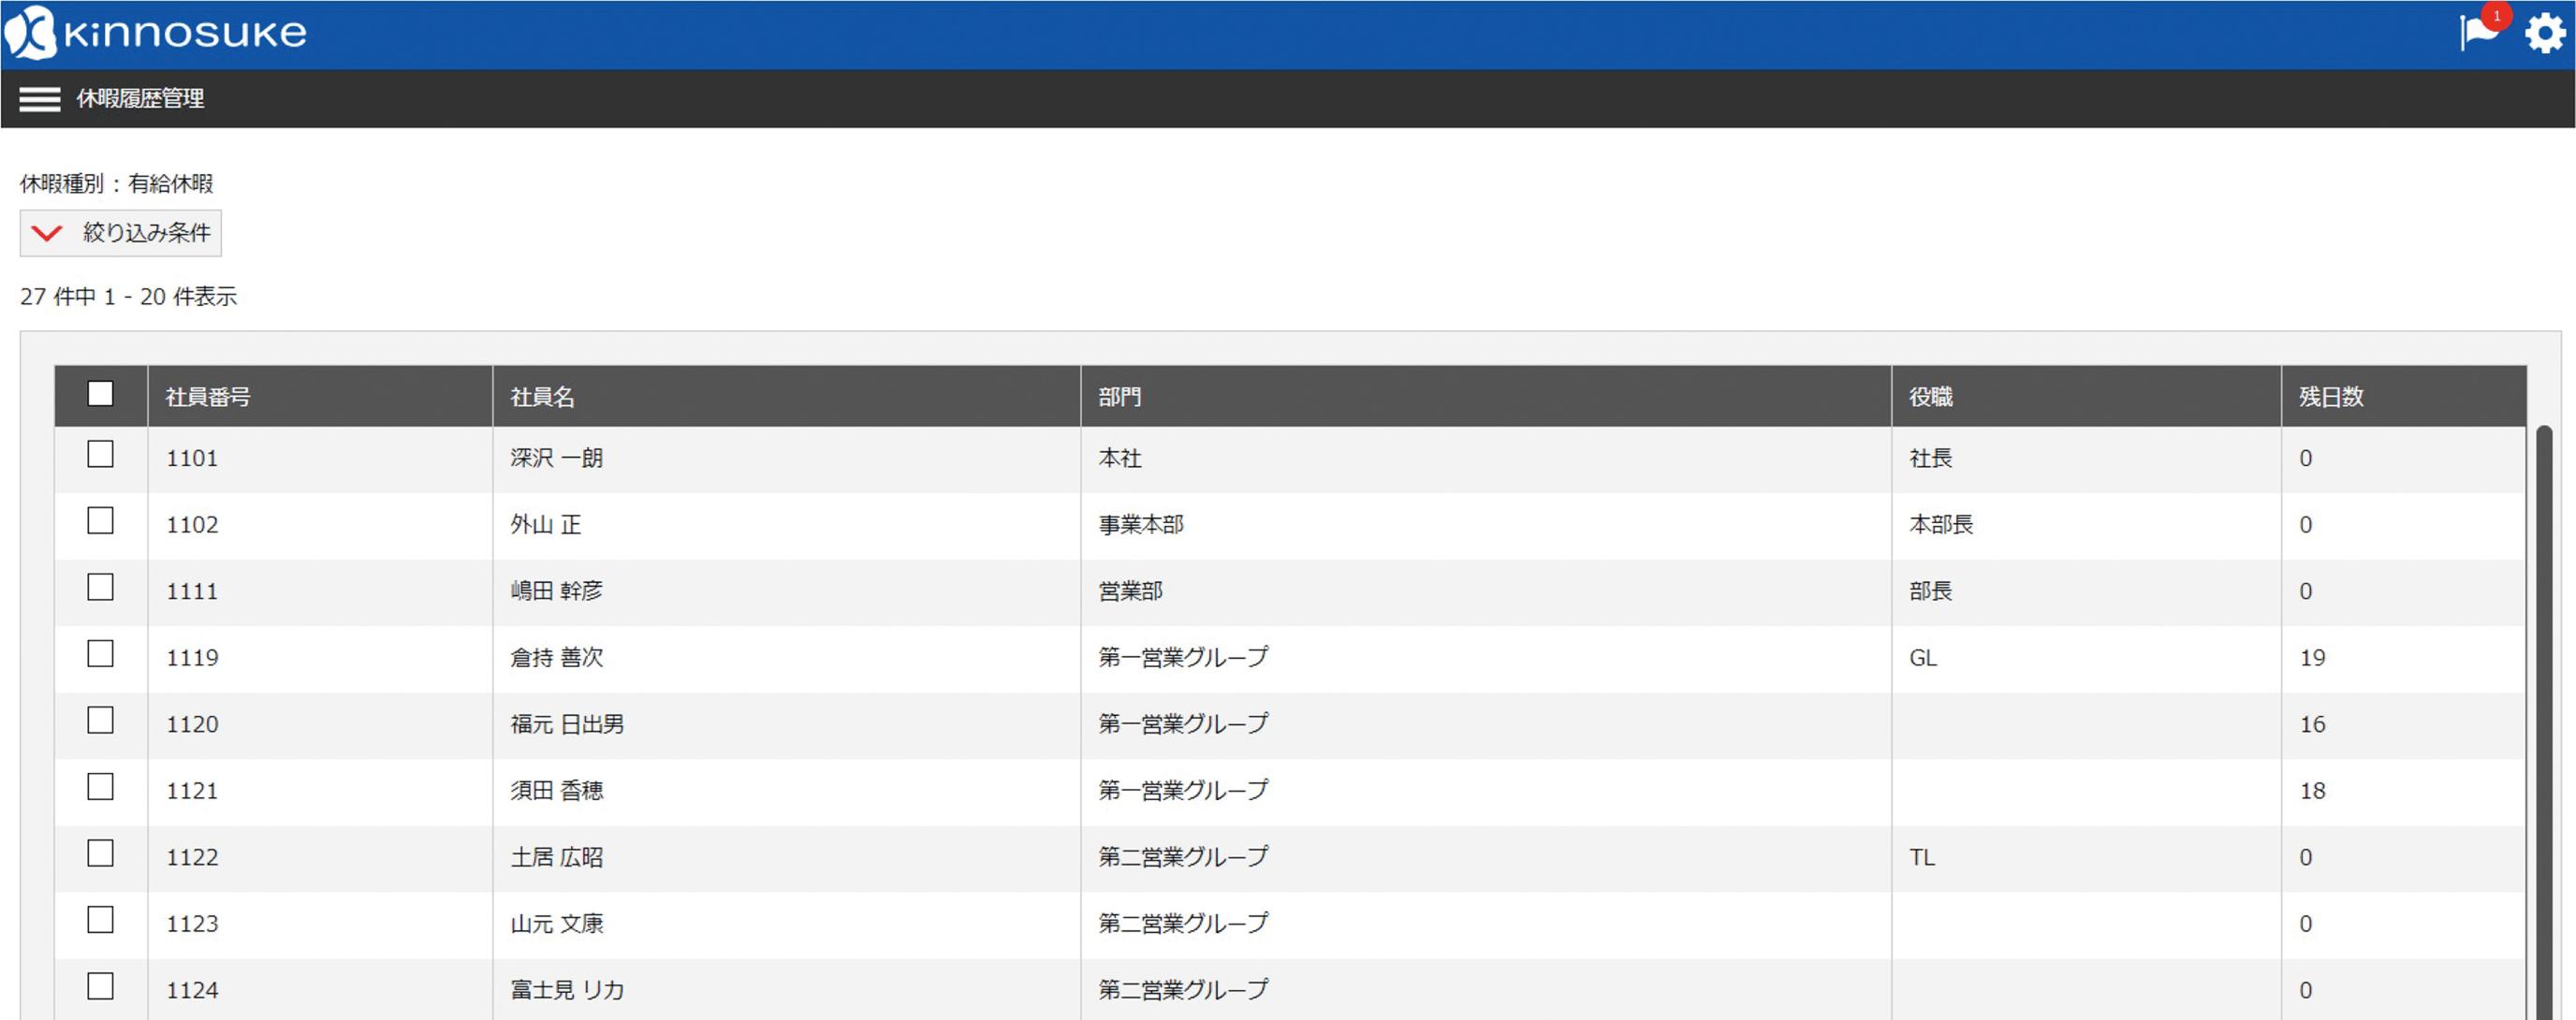 【休暇残日数管理(管理者画面)】